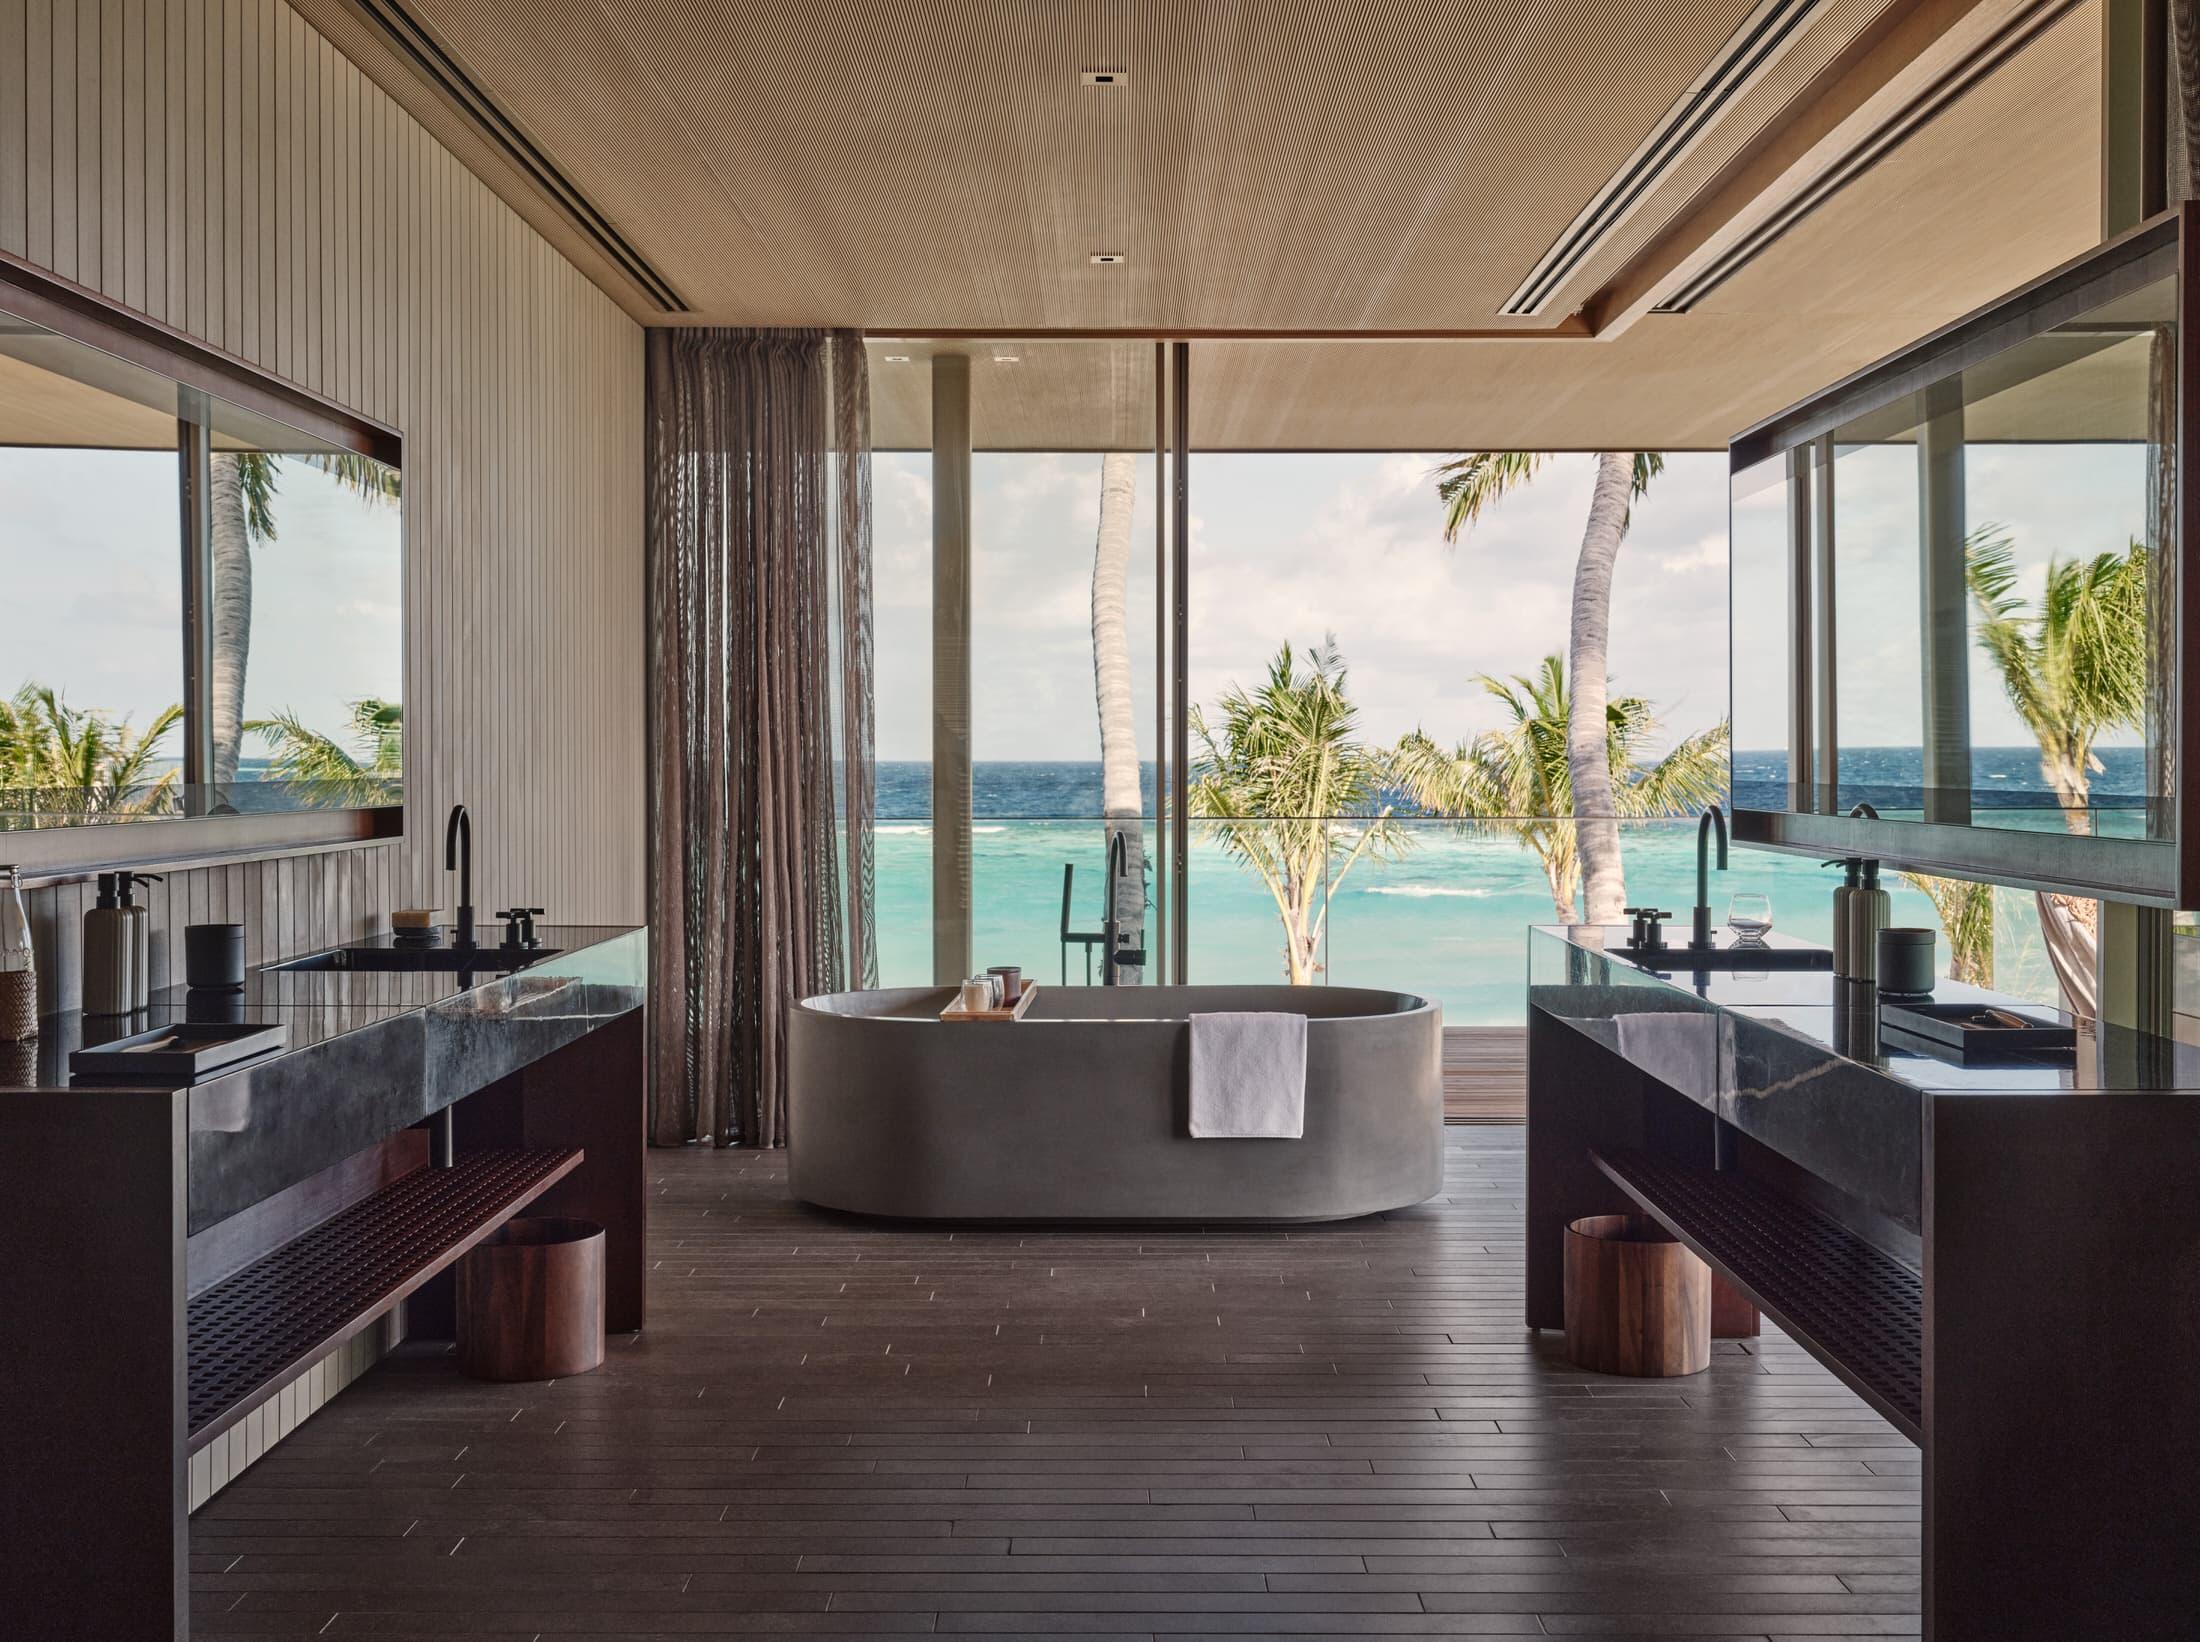 Studio Mk27 Patina Maldives Luxury Resort Yellowtrace 24